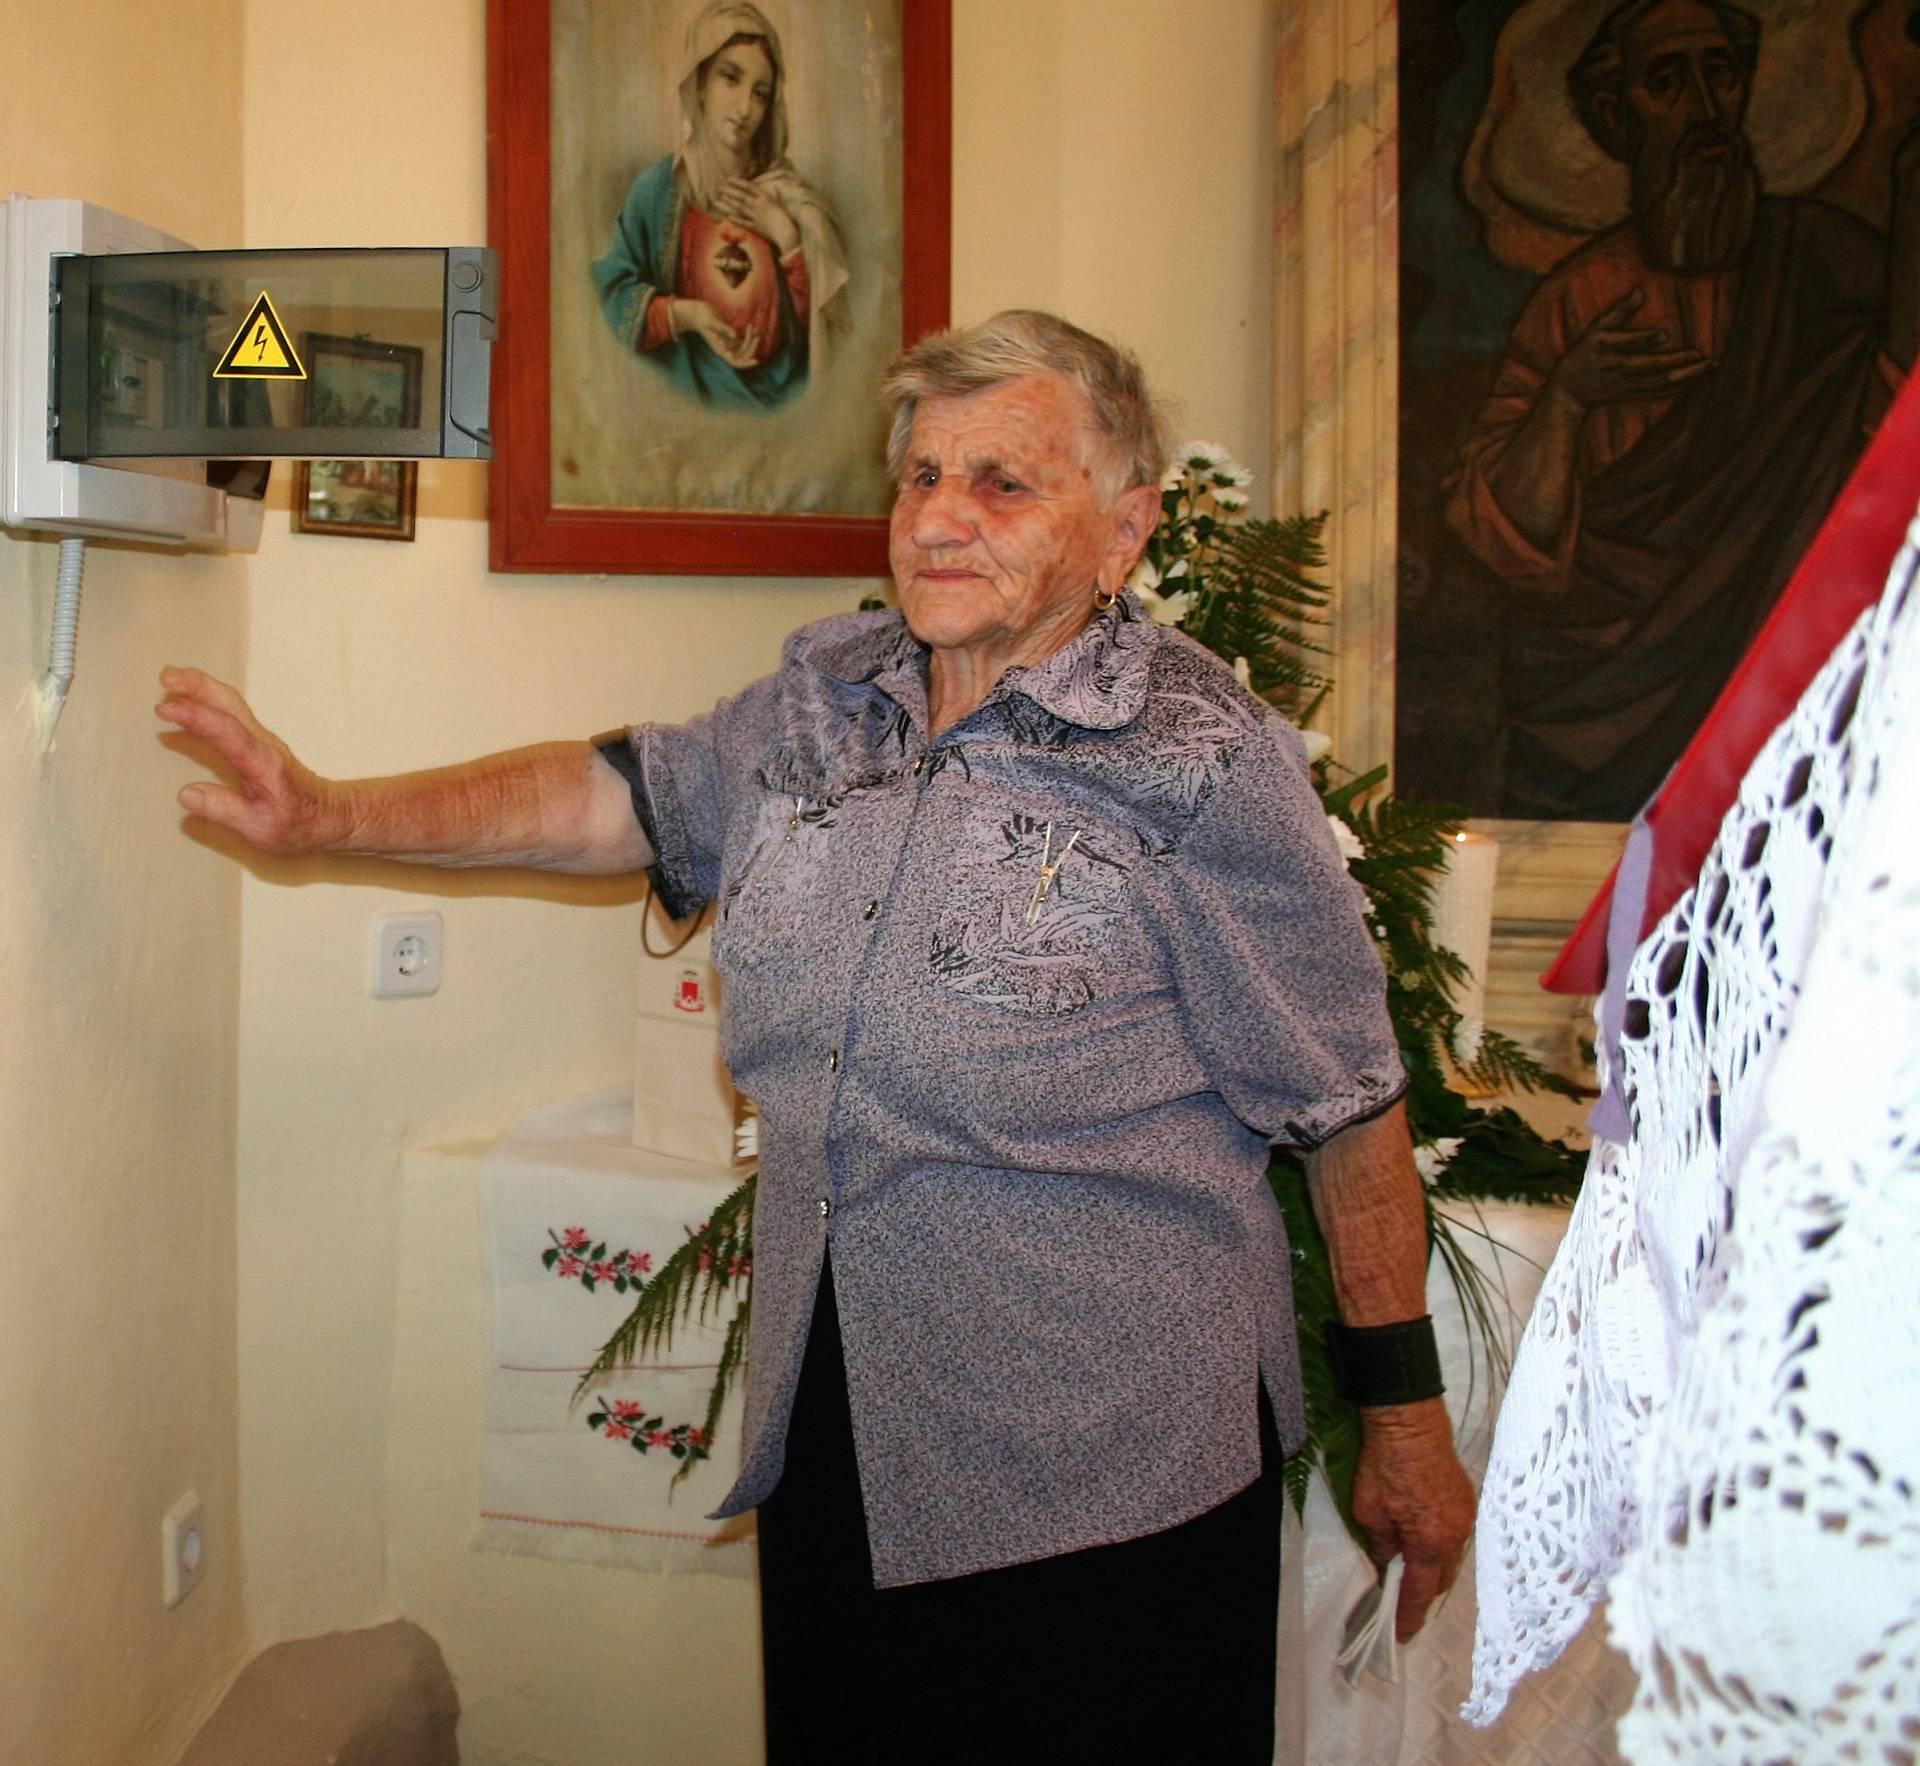 Nakon 50 godina zvonarka Kata zvoni električnim zvonom